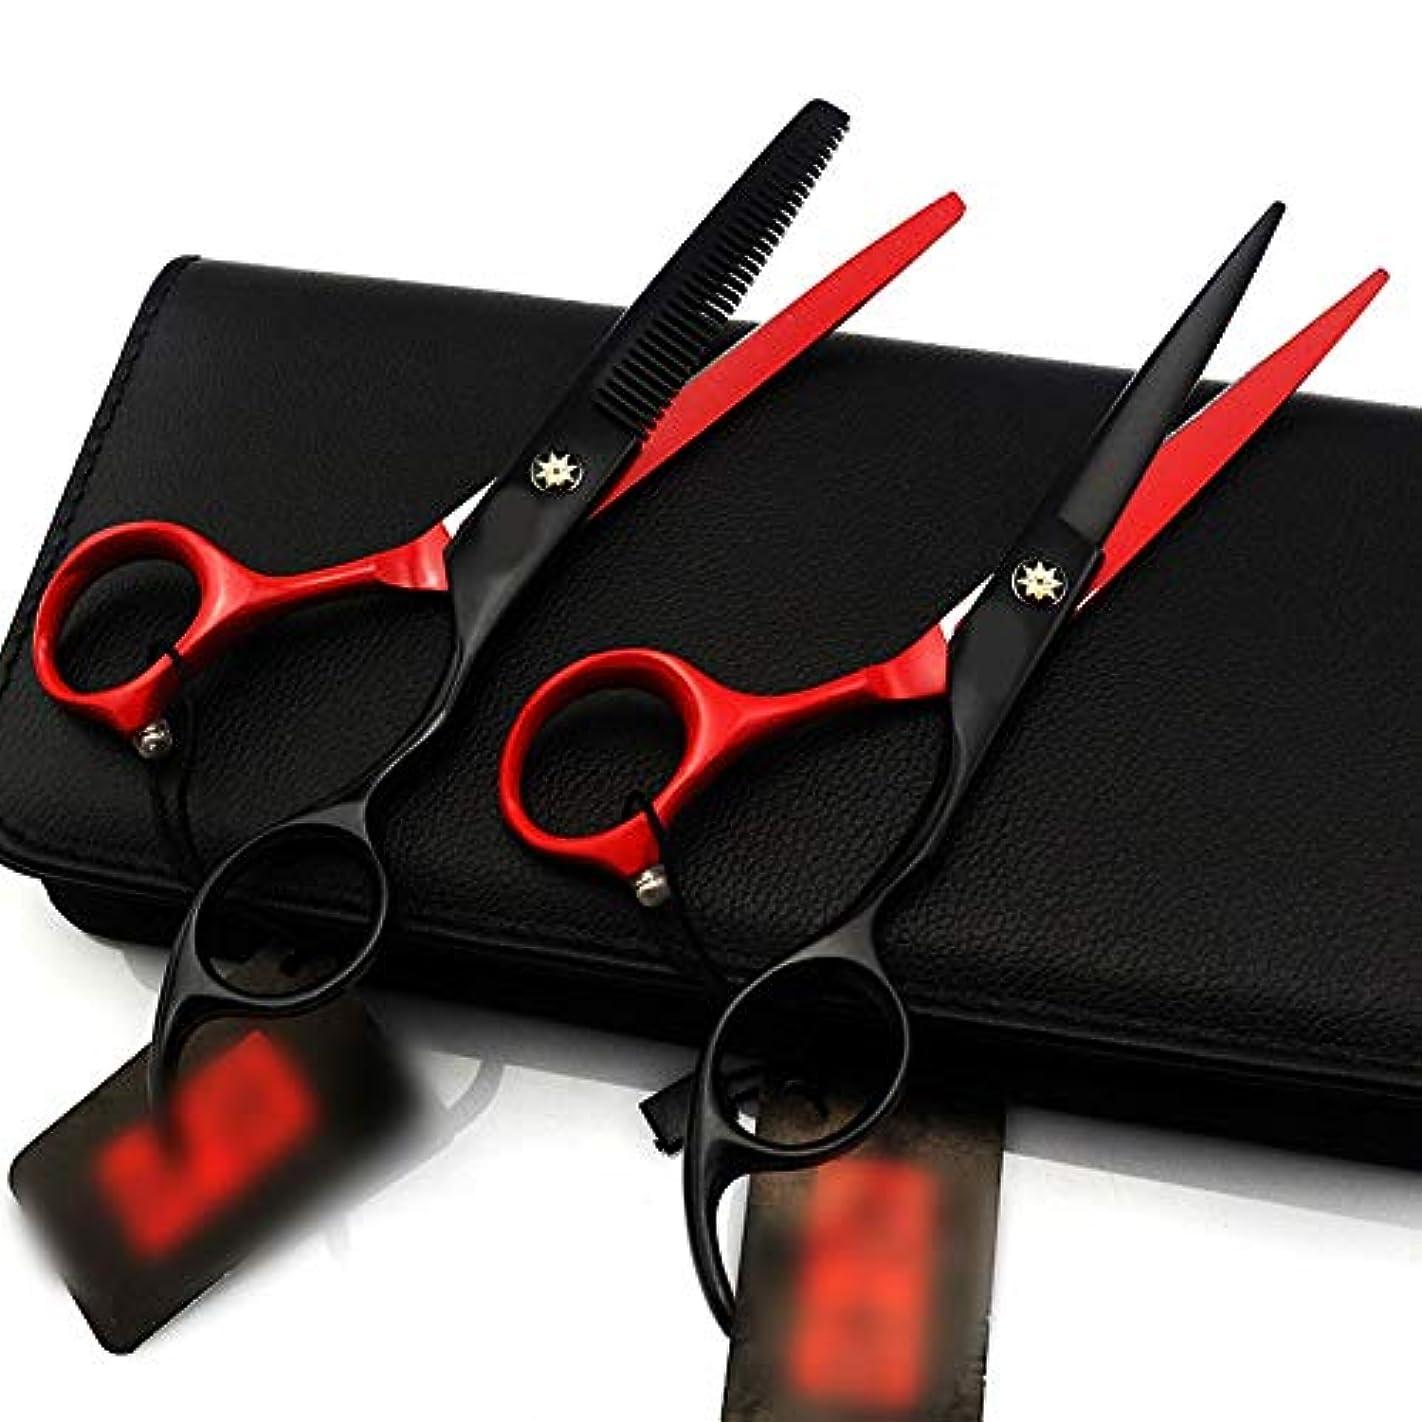 レモン傑作コンパニオンWASAIO 6インチの設定Savourless +歯黒赤理髪ヘアカットはさみはさみキット専門の理容サロンレイザーエッジツールを薄くパーソナリティトリミングアクセサリー (色 : Black red)